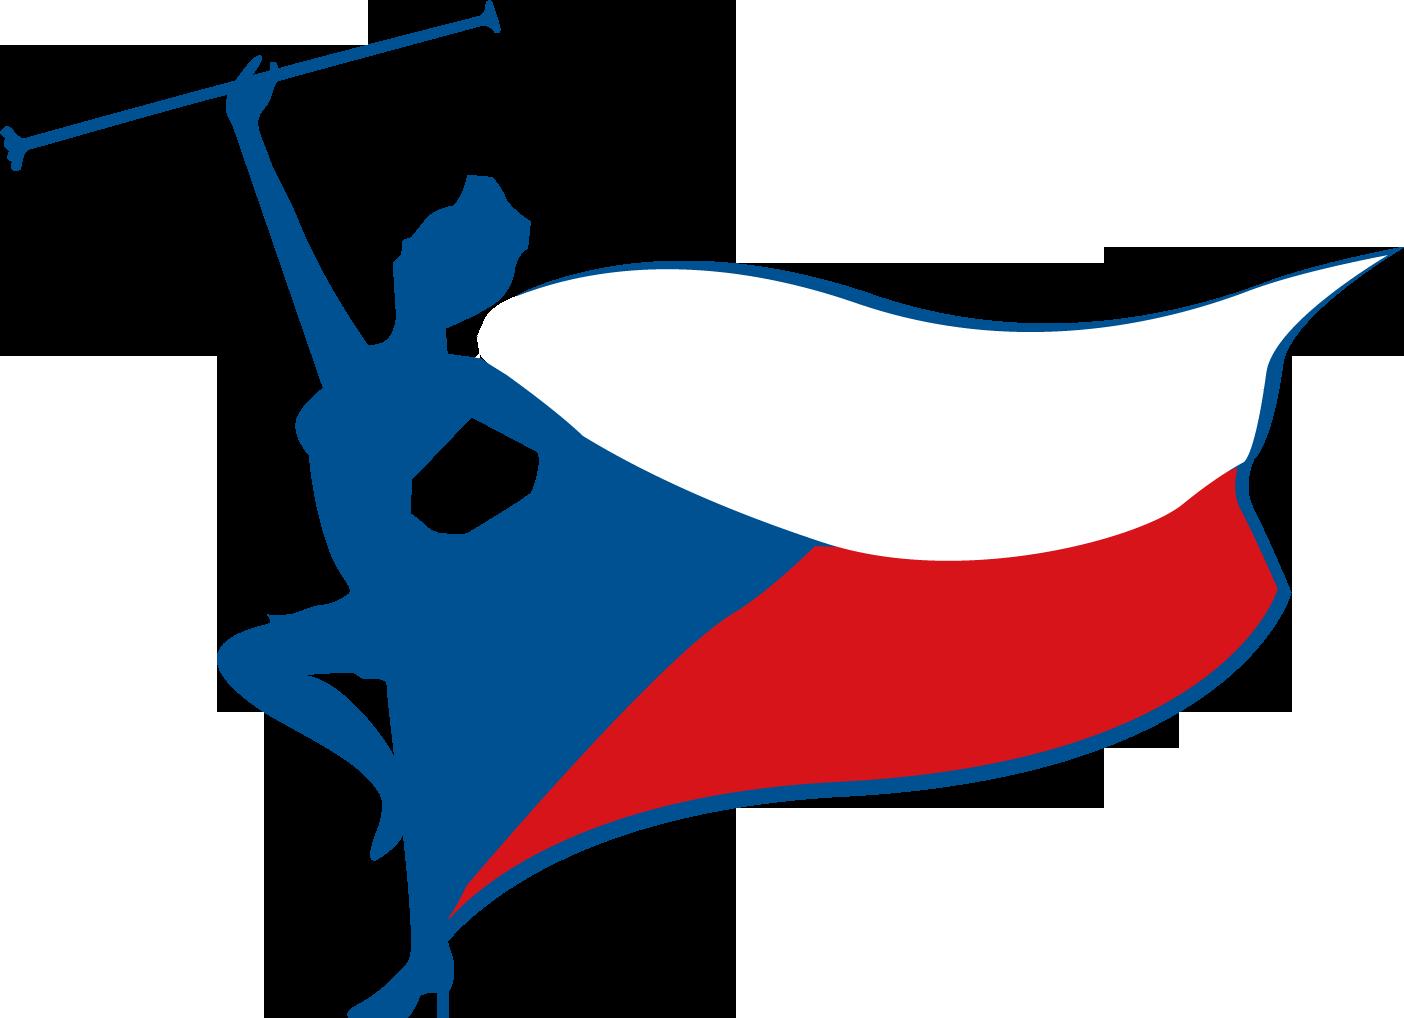 Oficiální logo Mistrovství České republiky v mažoretkovém sportu